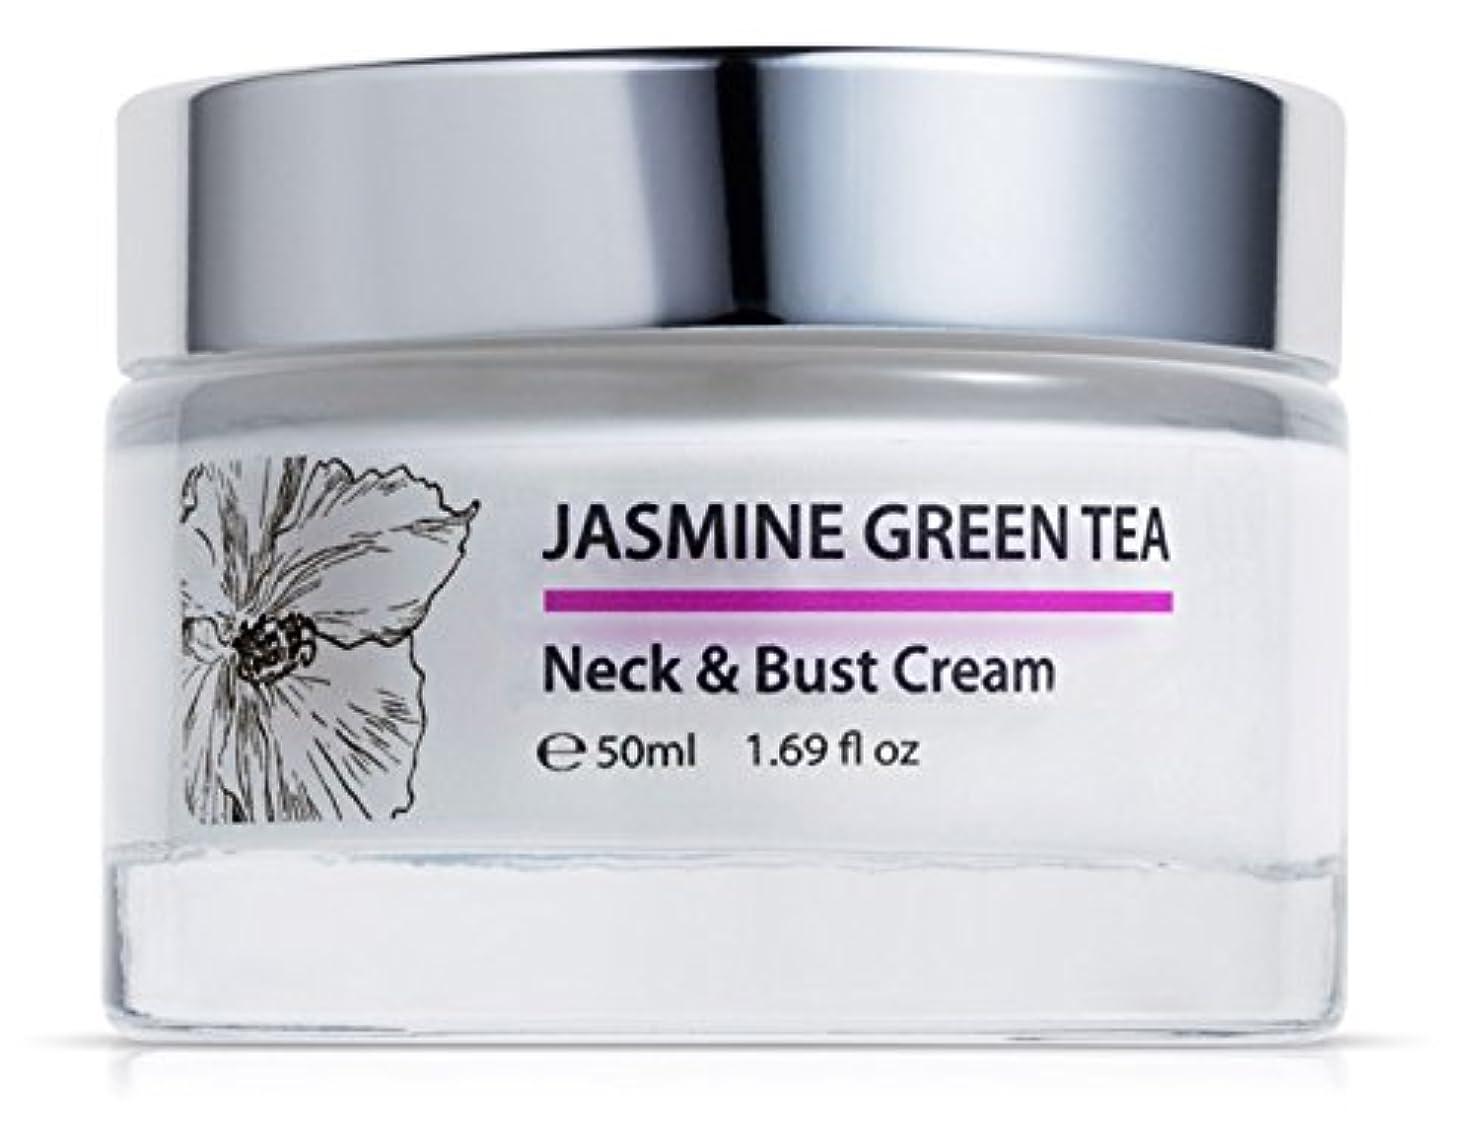 死の顎取得する許されるGreen Keratin ジャスミン緑茶 首とバストクリーム抗しわバストパウダークリーム 50ml